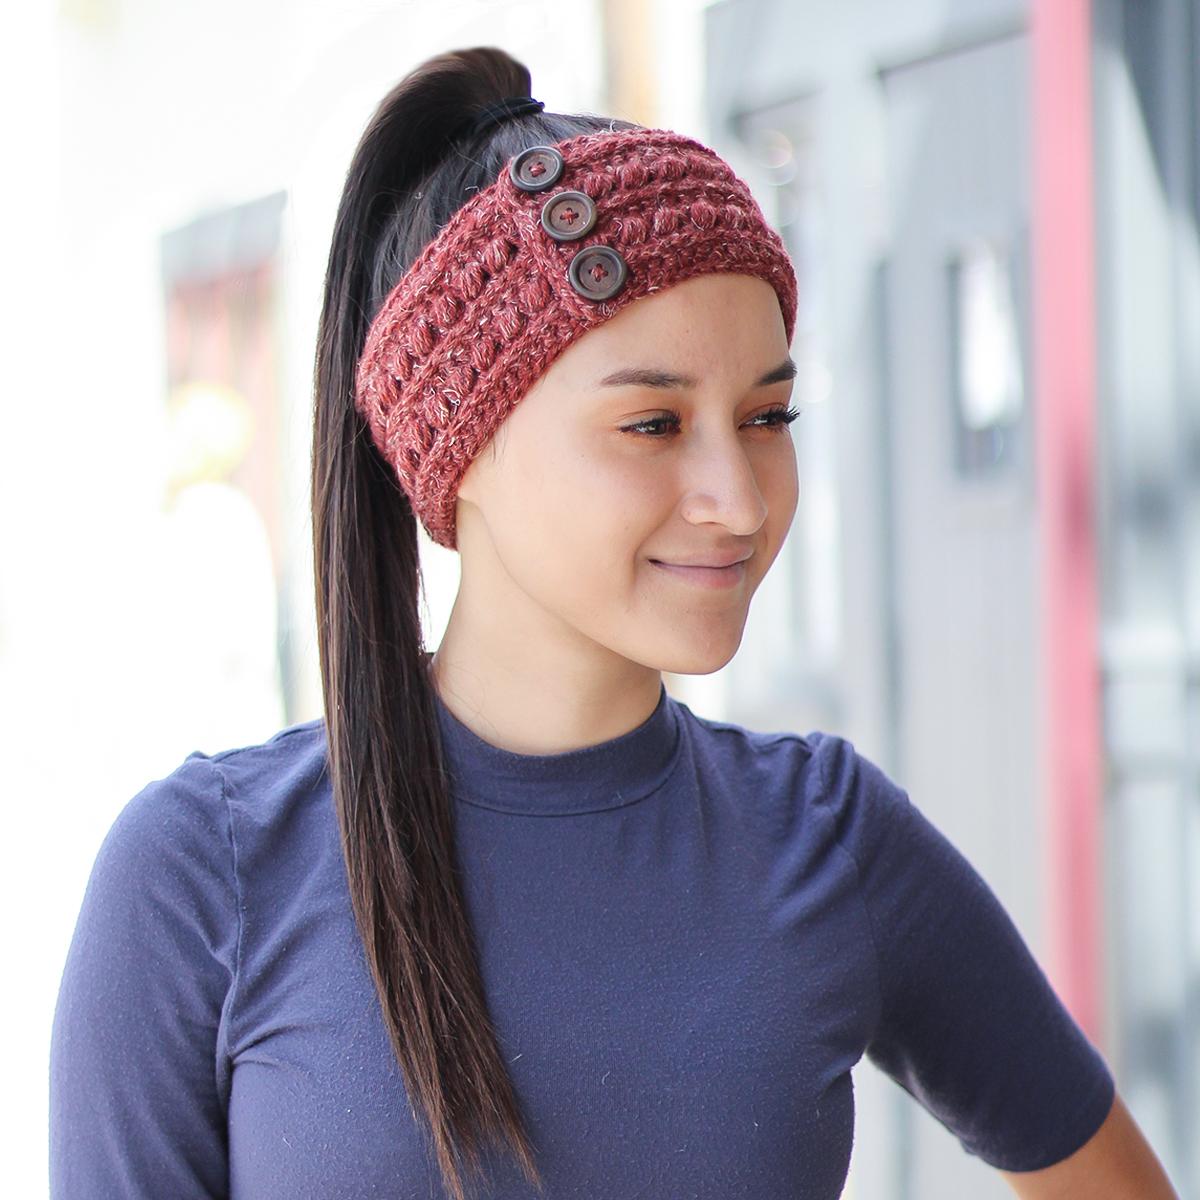 The Malia Earwarmer Little Monkeys Crochet